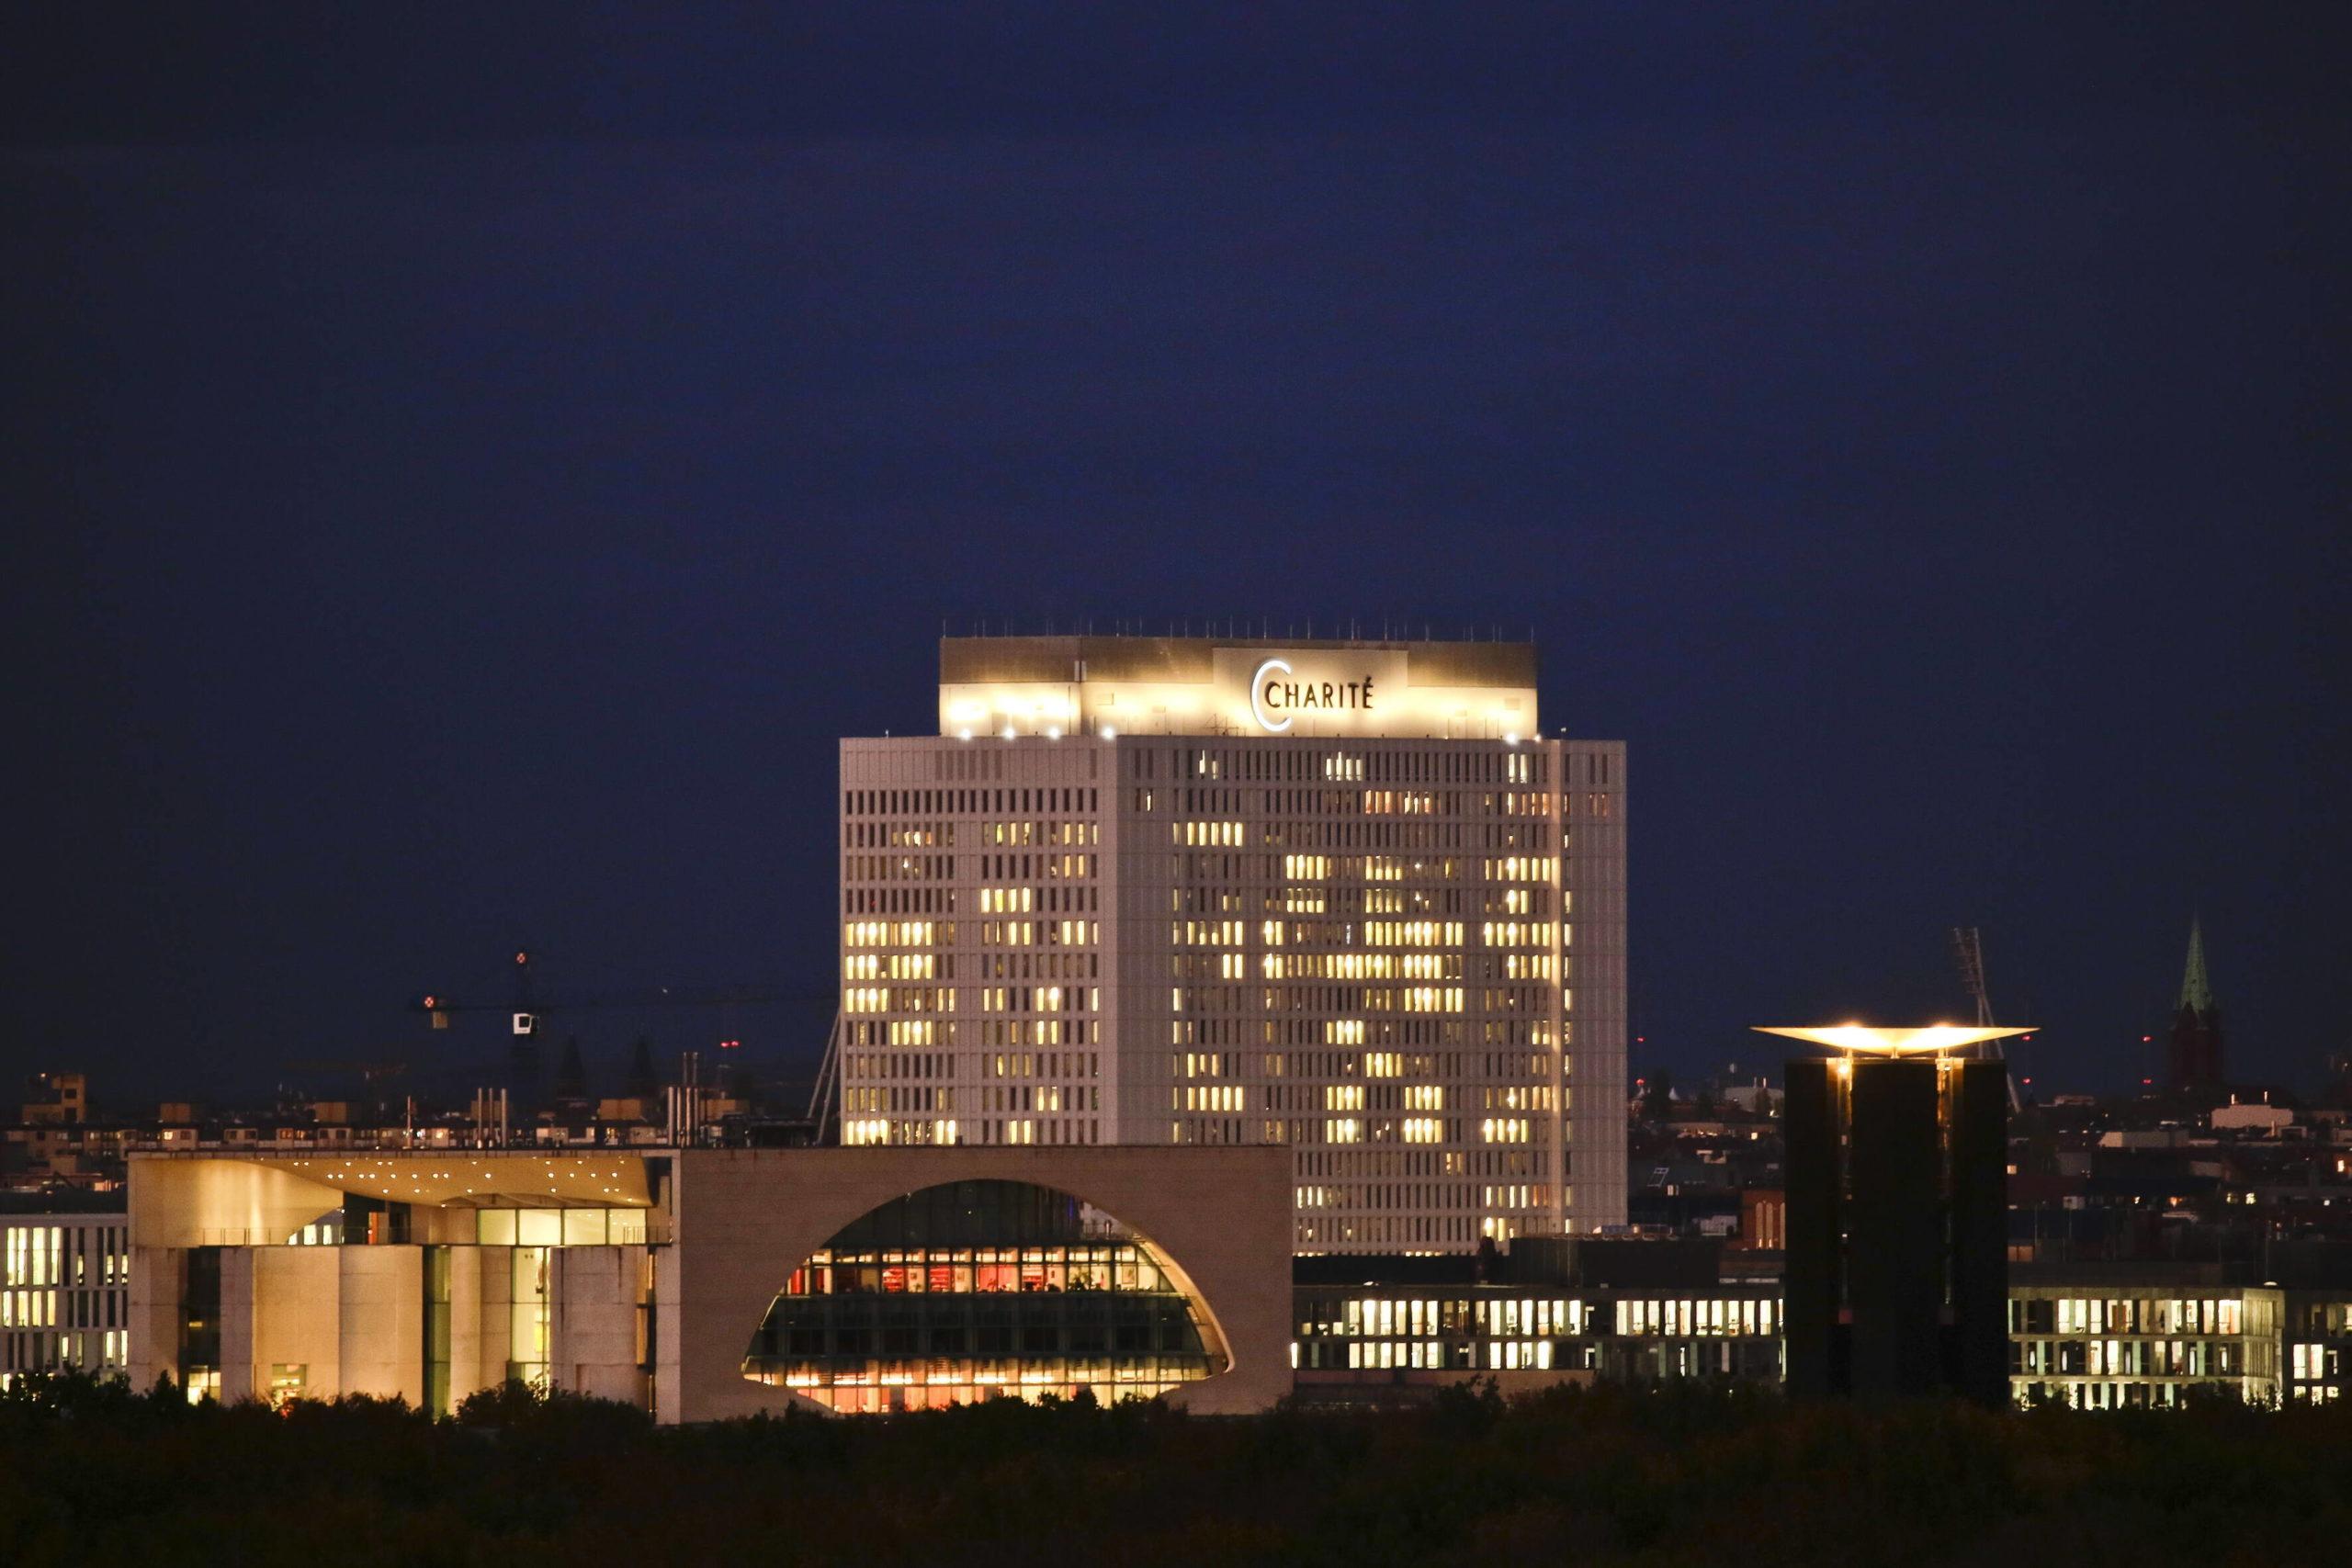 Bei Nacht ist das 82m hohe Bettenhaus der Charité ein Highlight der Berliner Skyline. Foto: Imago/Reiner Zensen